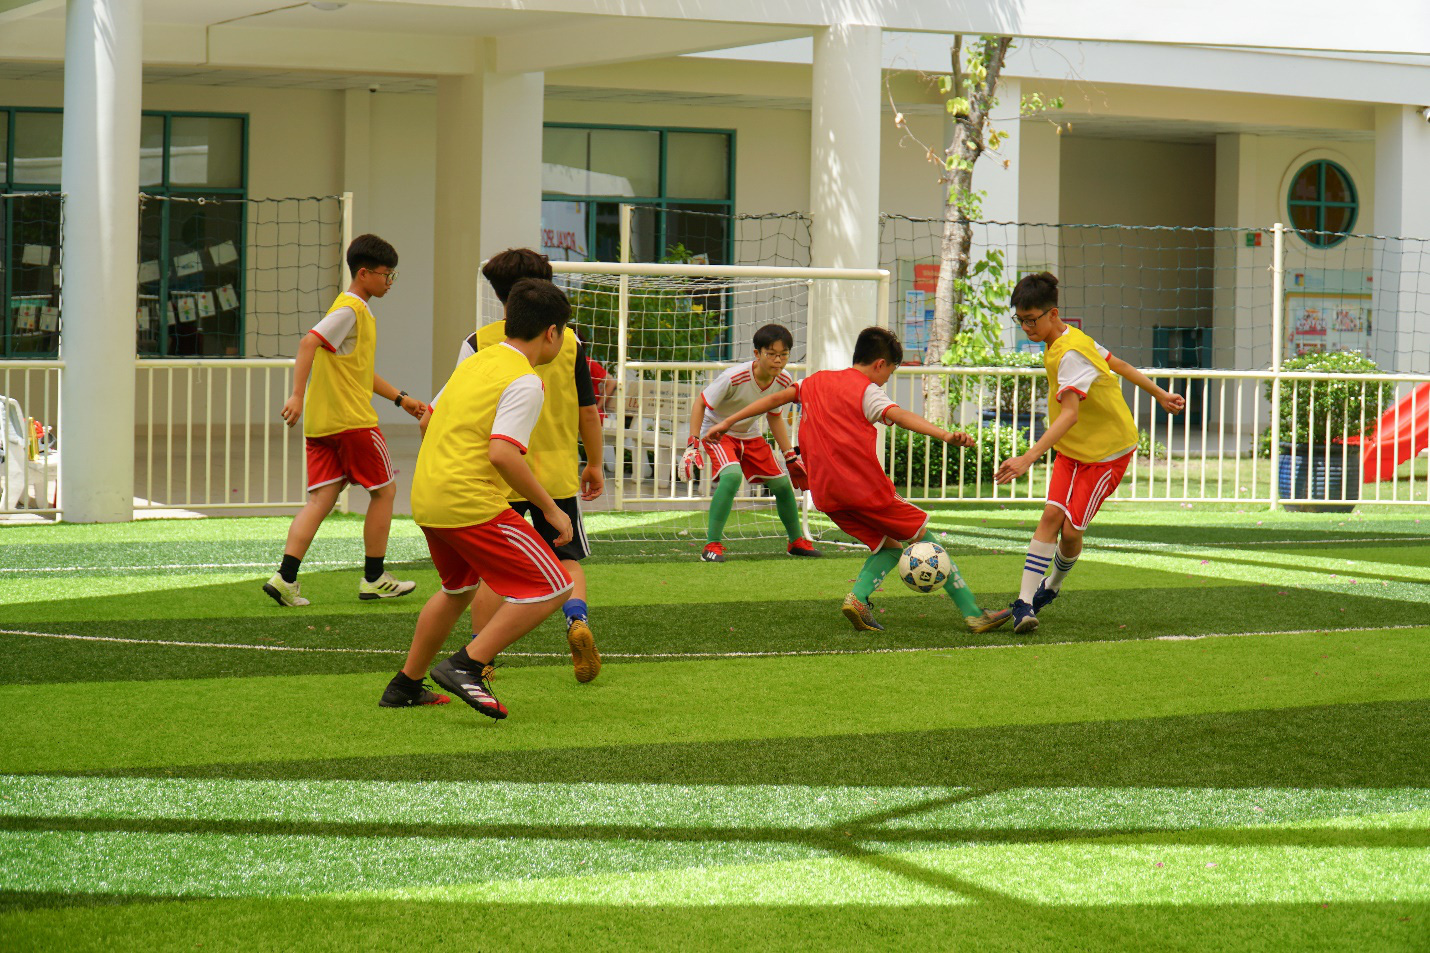 """Bồi đắp một thế hệ trẻ khoẻ thể chất và """"fair play"""" từ các sân chơi thể thao học đường - Ảnh 1."""